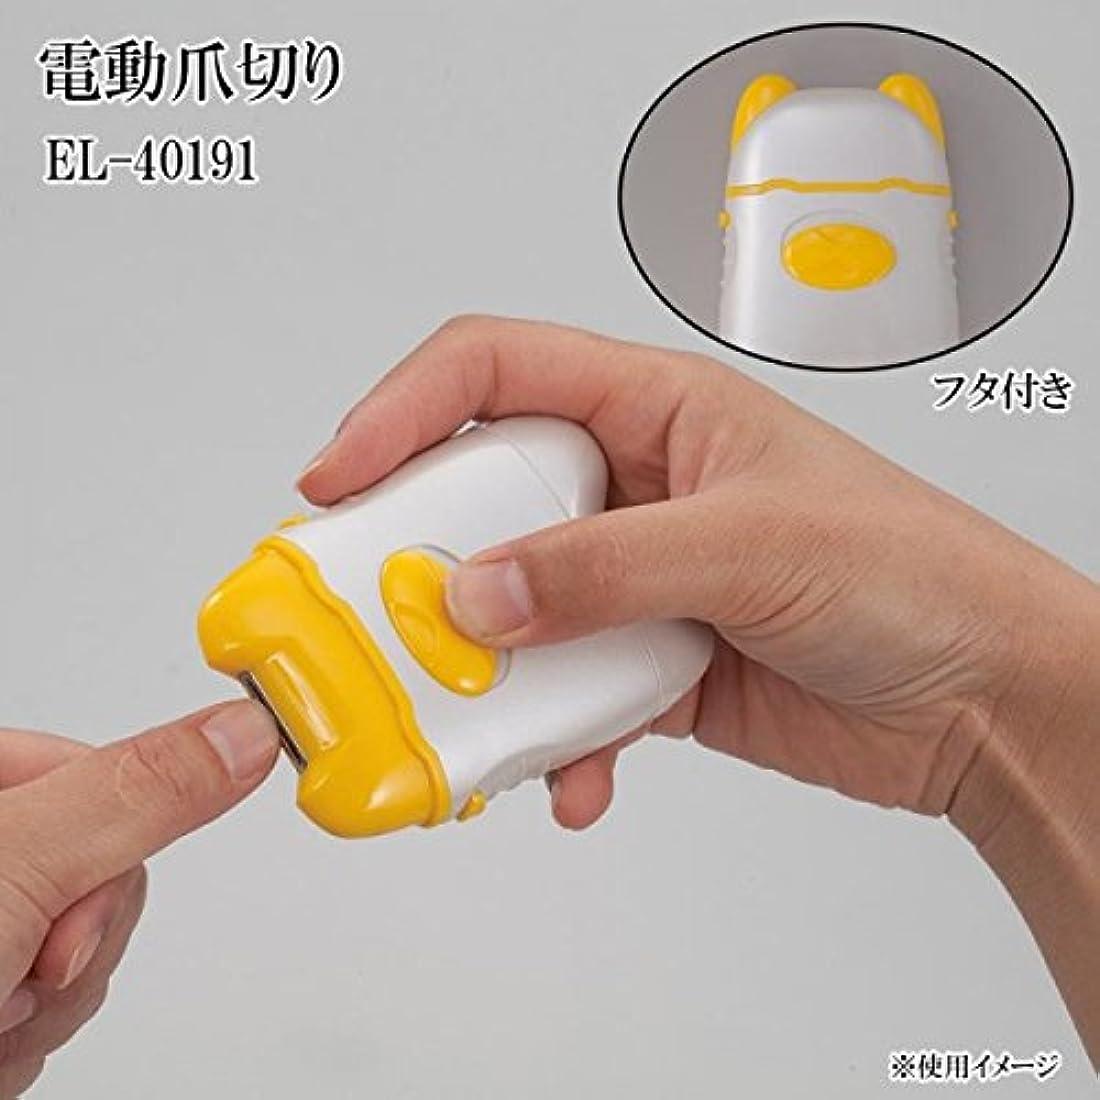 バン上回る原理電動爪切り EL-40191 【人気 おすすめ 】